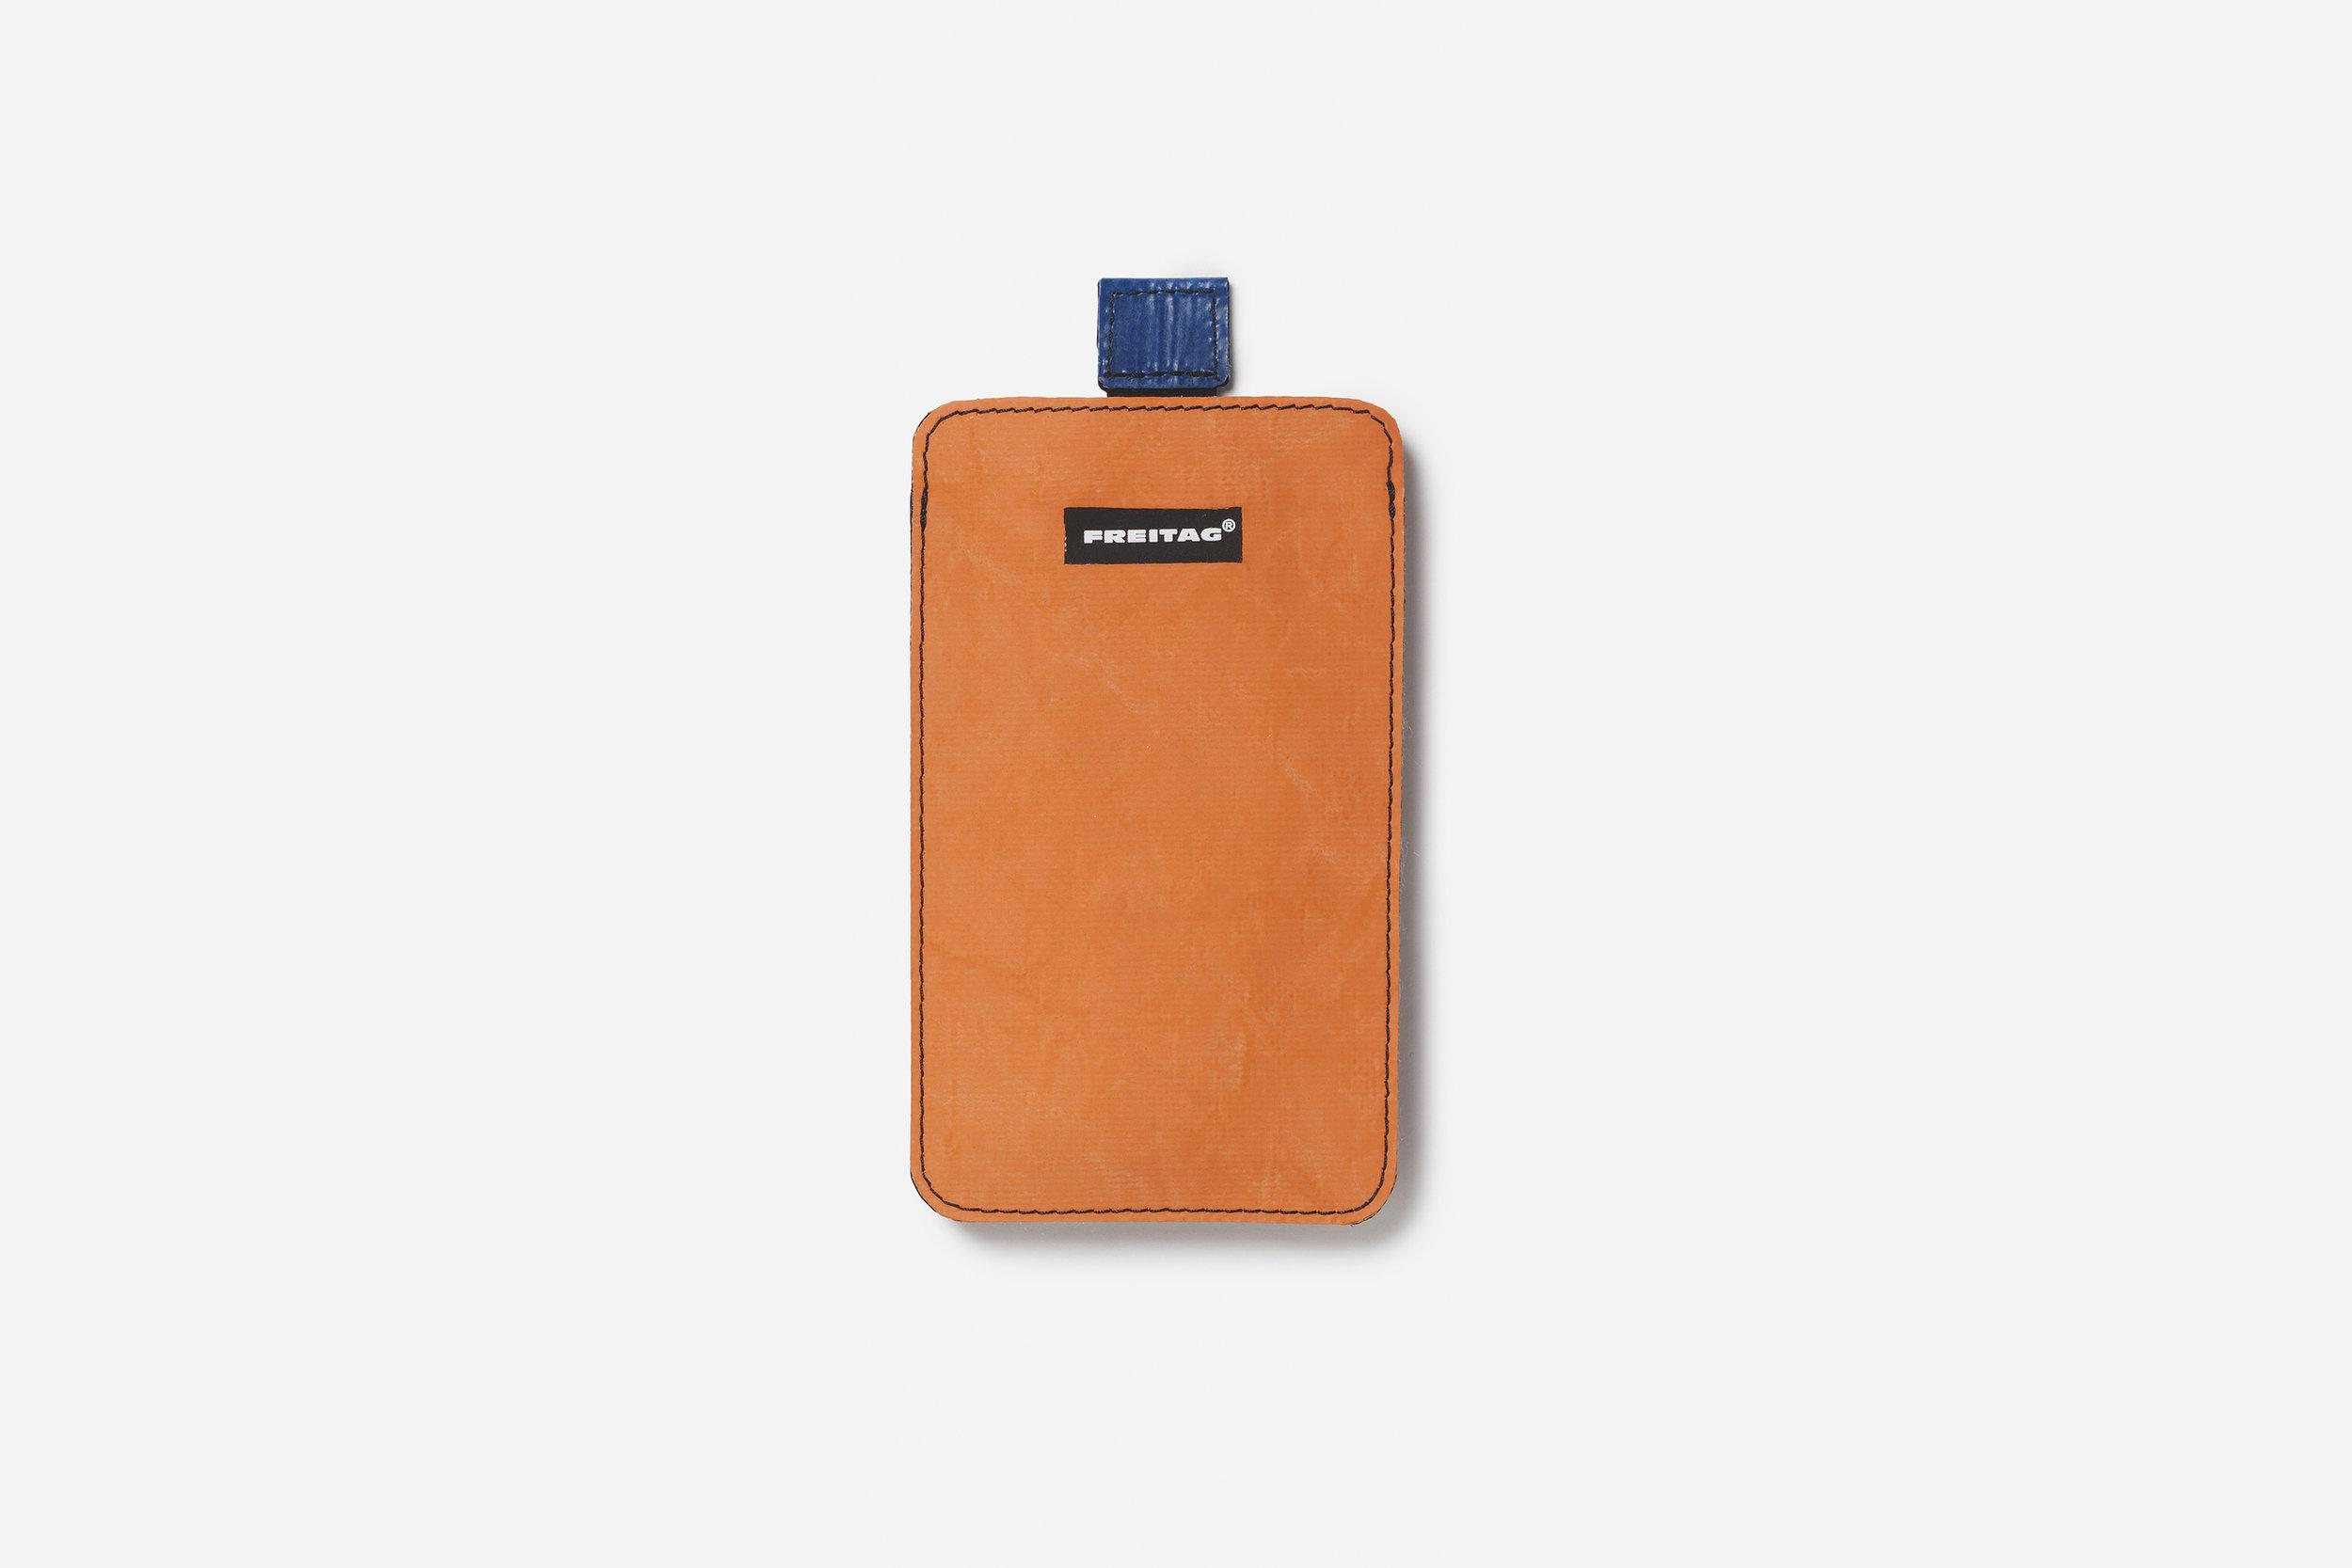 f334_sleeve-orange_rgb_nanzig_highres.jpg